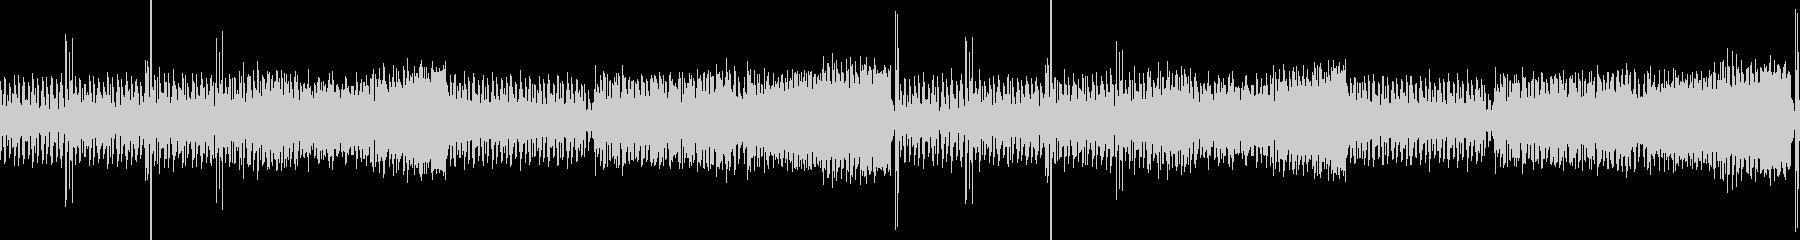 感動的EDM日本風・和風映像三味線琴尺八の未再生の波形